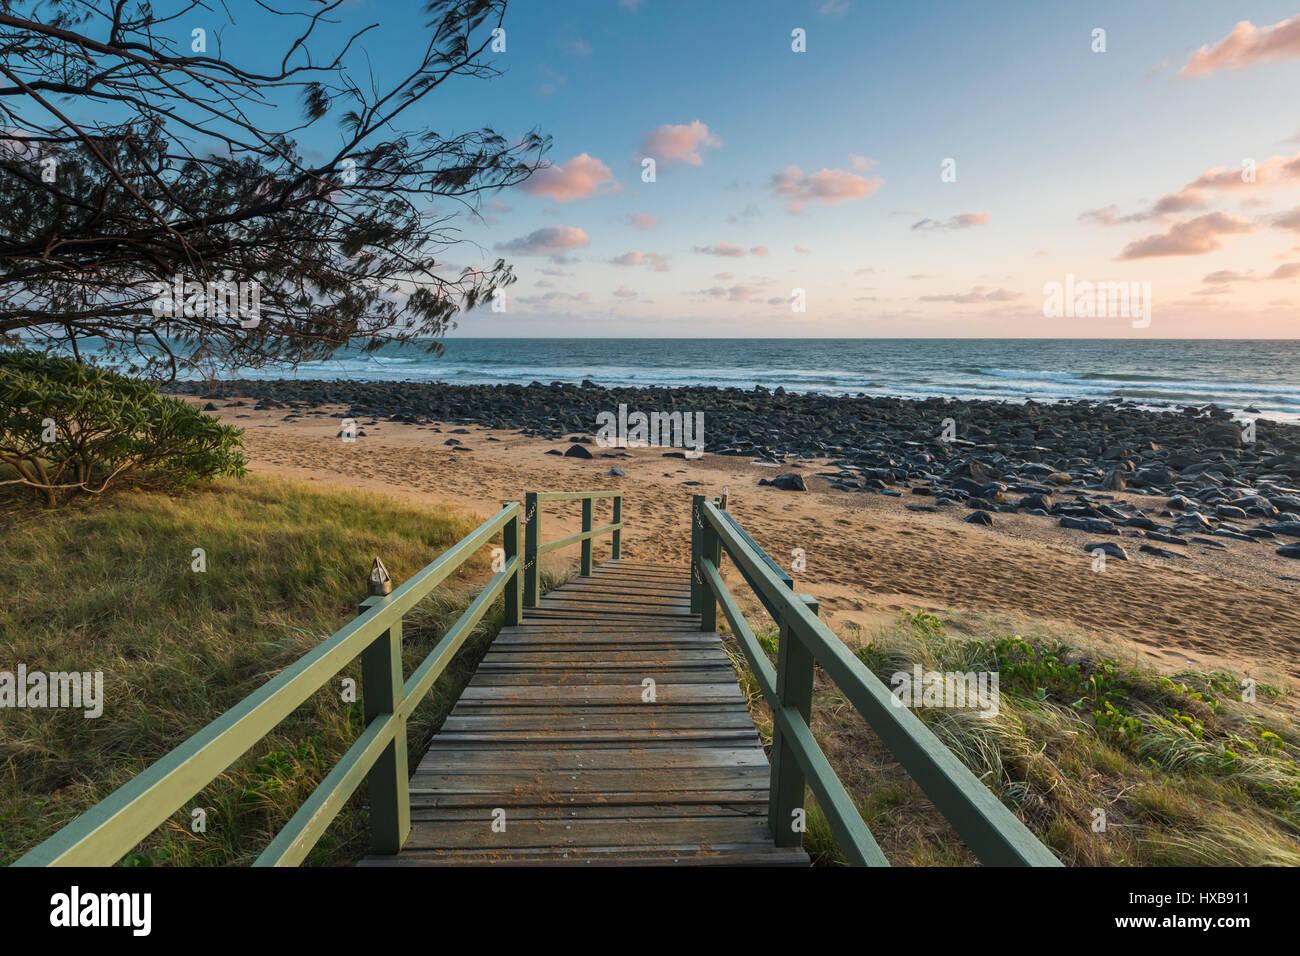 Ver ruta hacia abajo a la playa de Mon Repos, al amanecer. Bundaberg, Queensland, Australia Imagen De Stock